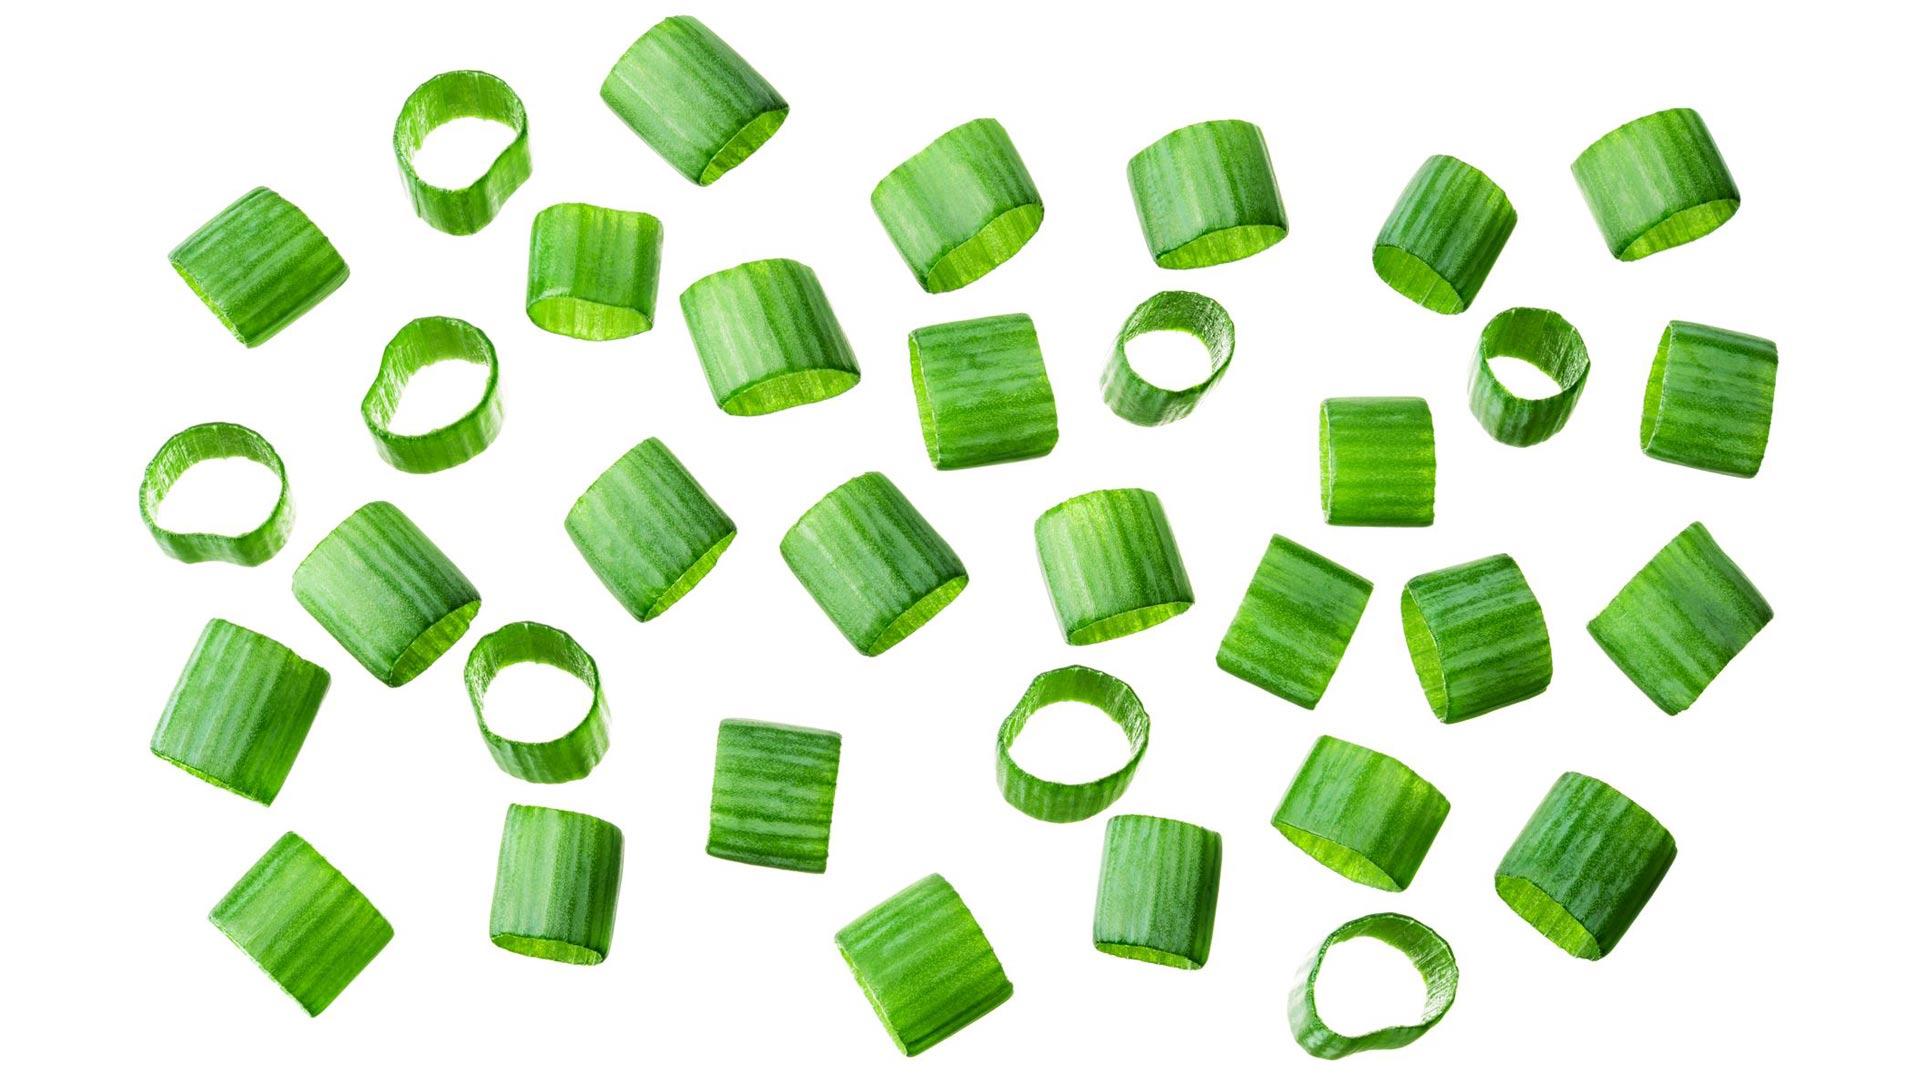 Vihreät lehtivihannekset kuuluvat kaikkein terveellisimpiin kasviksiin.